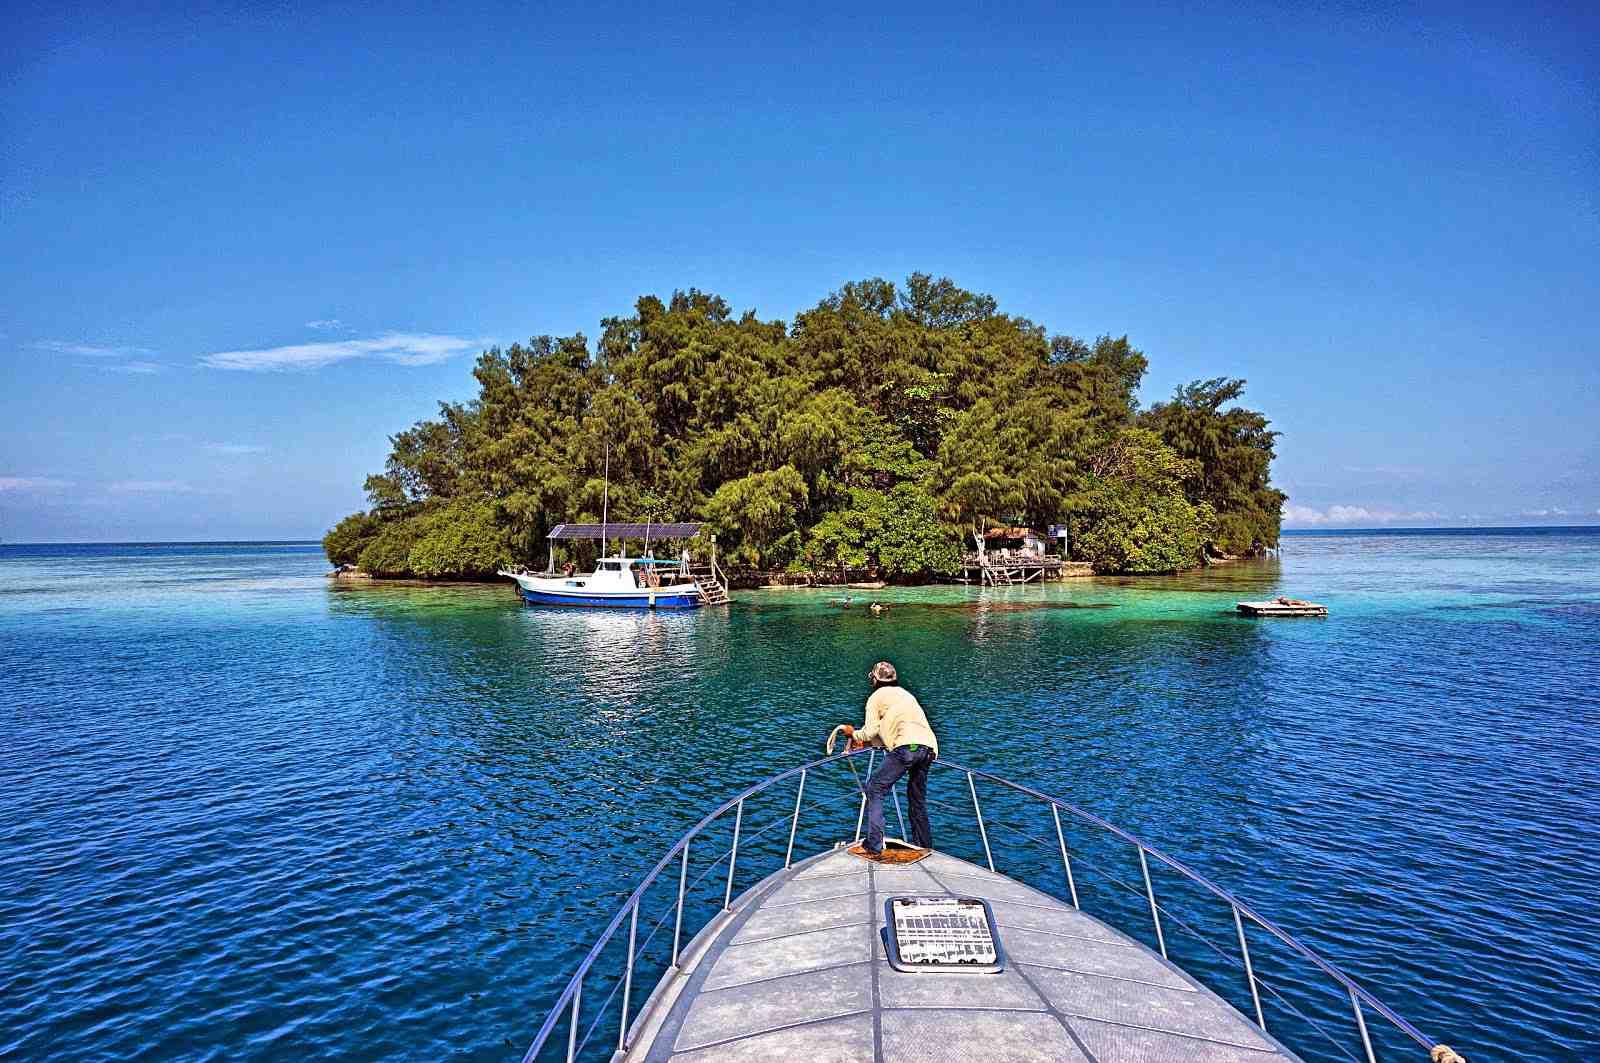 pulau-harapan-kepulauan-seribu